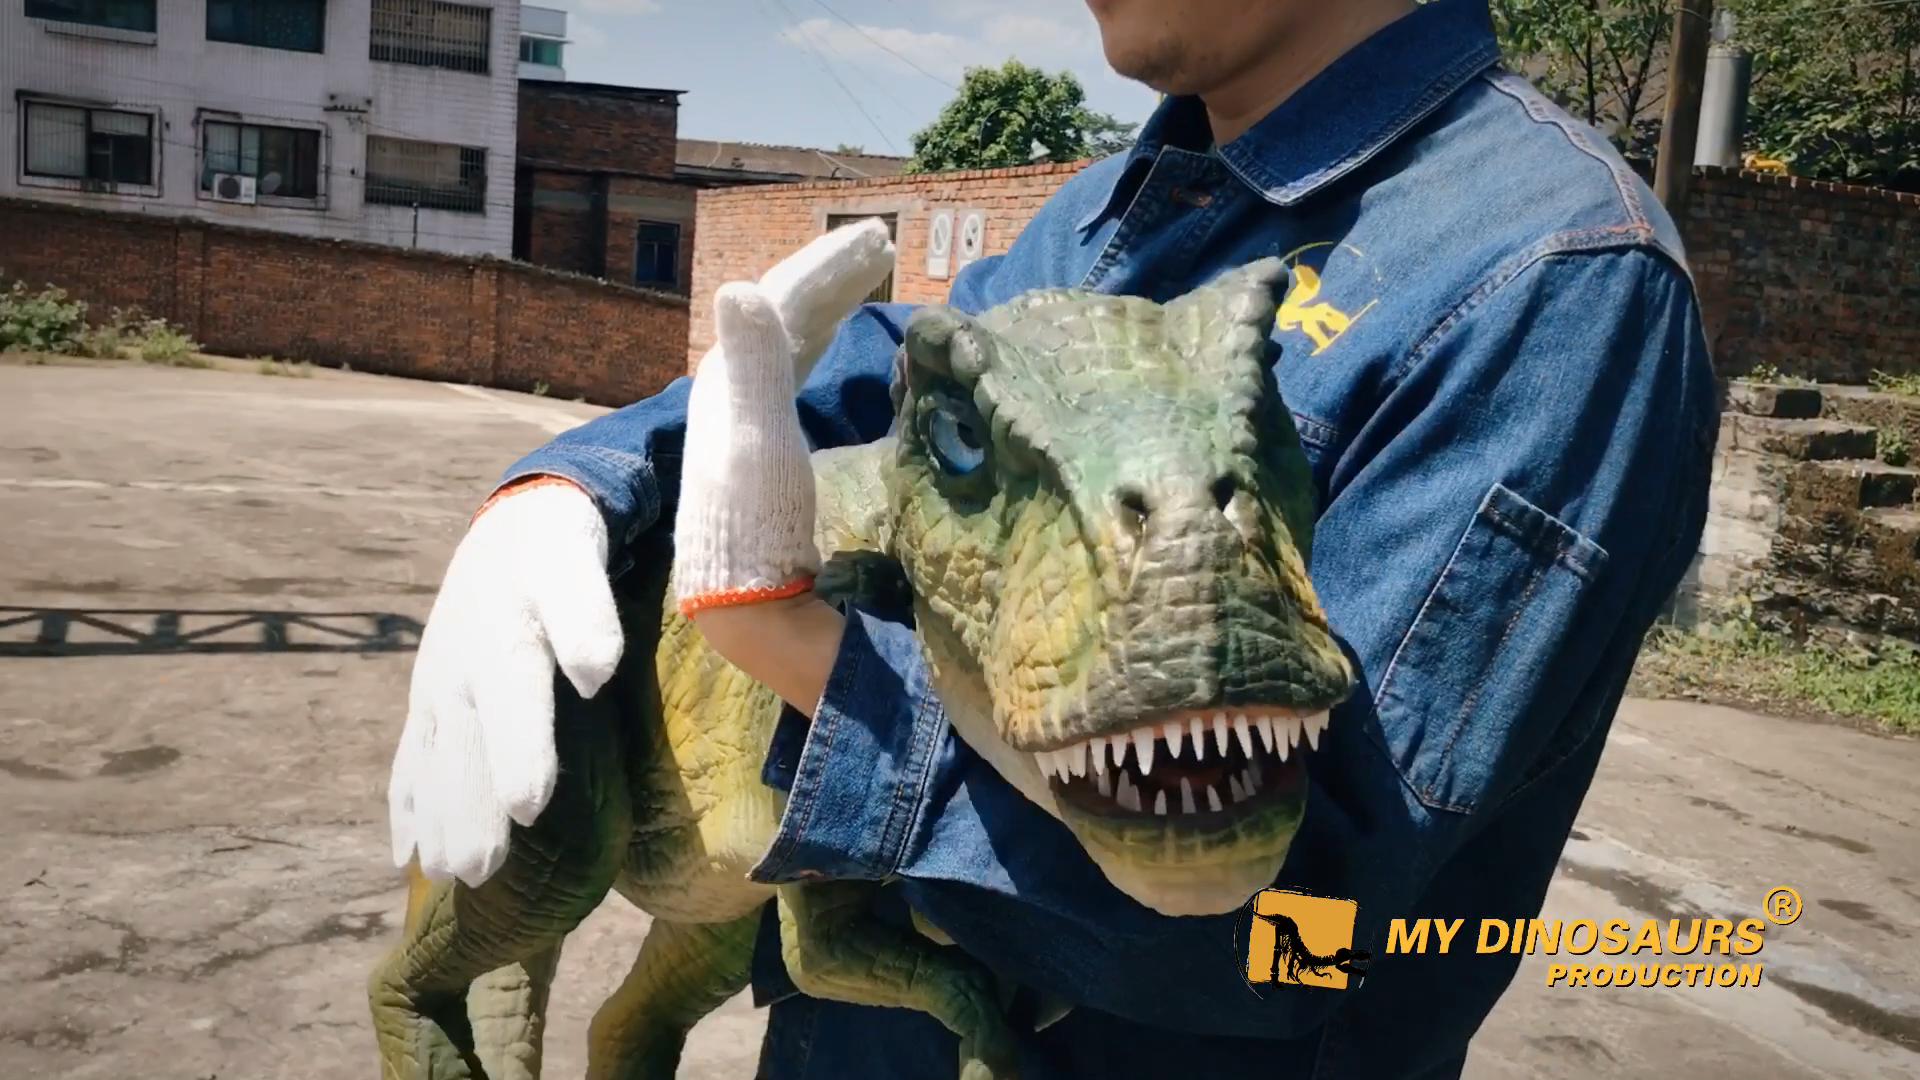 Benim Dino HP135 dinozor çocuklar için hareketli ağız dinozor kukla